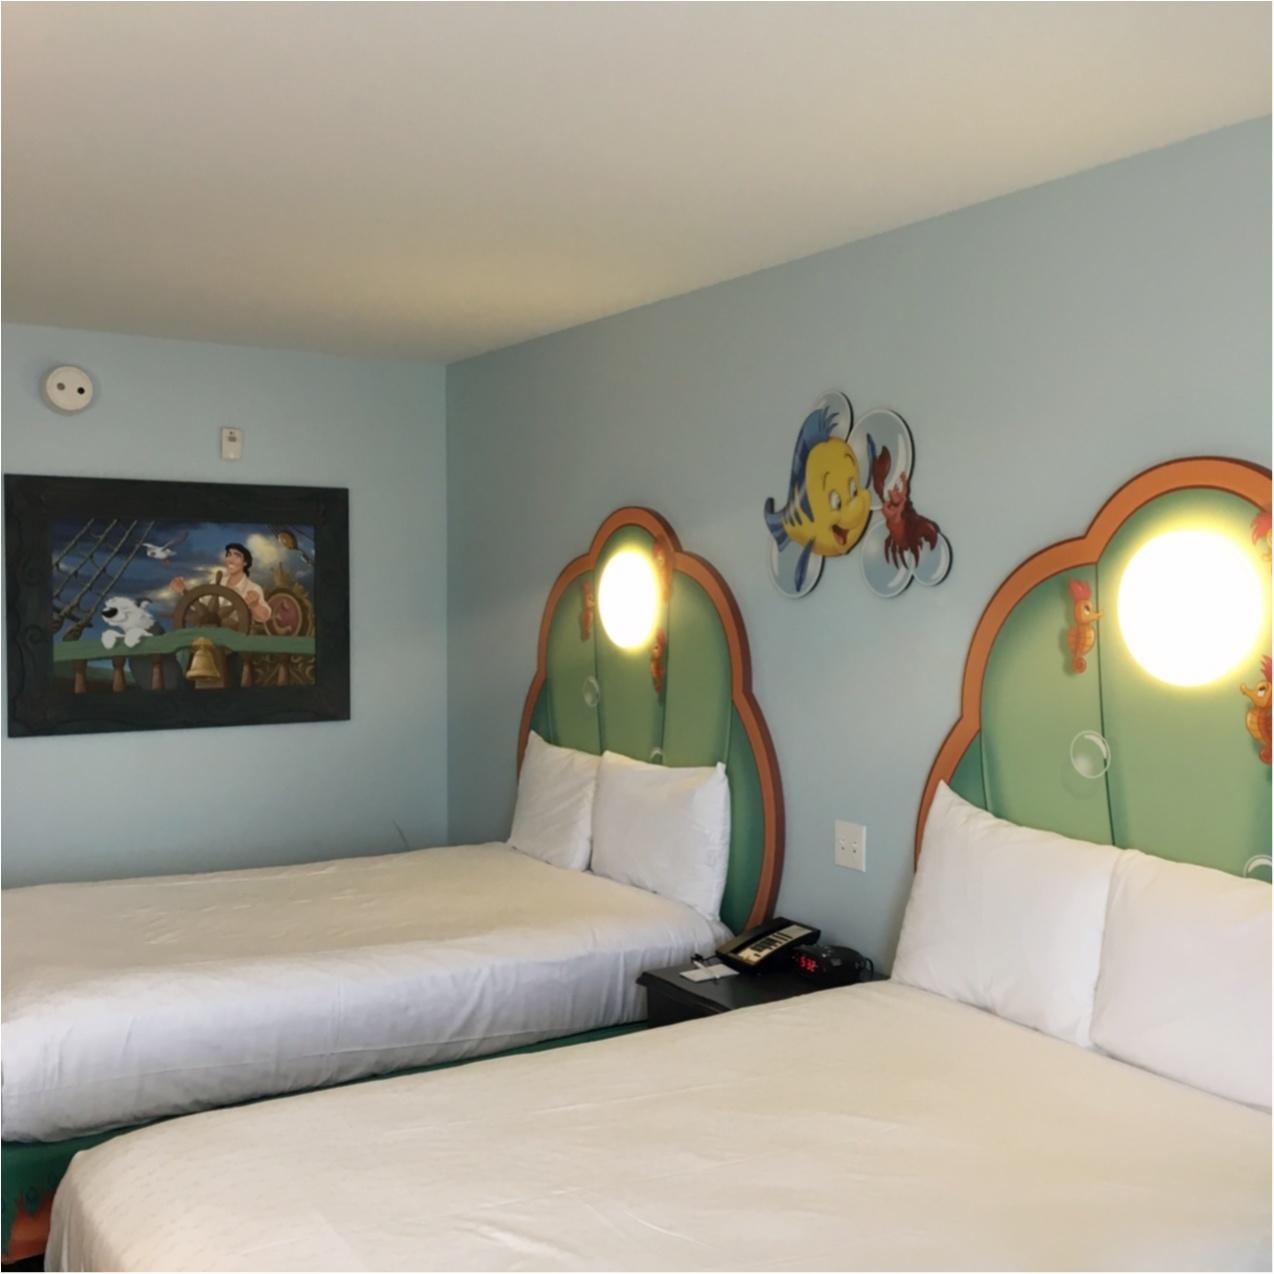 【WDW旅行 】夢の国に泊まりたい!キャラクターいっぱいでかわいい♡ディズニーアートオブアニメーションリゾートホテル ♪_6